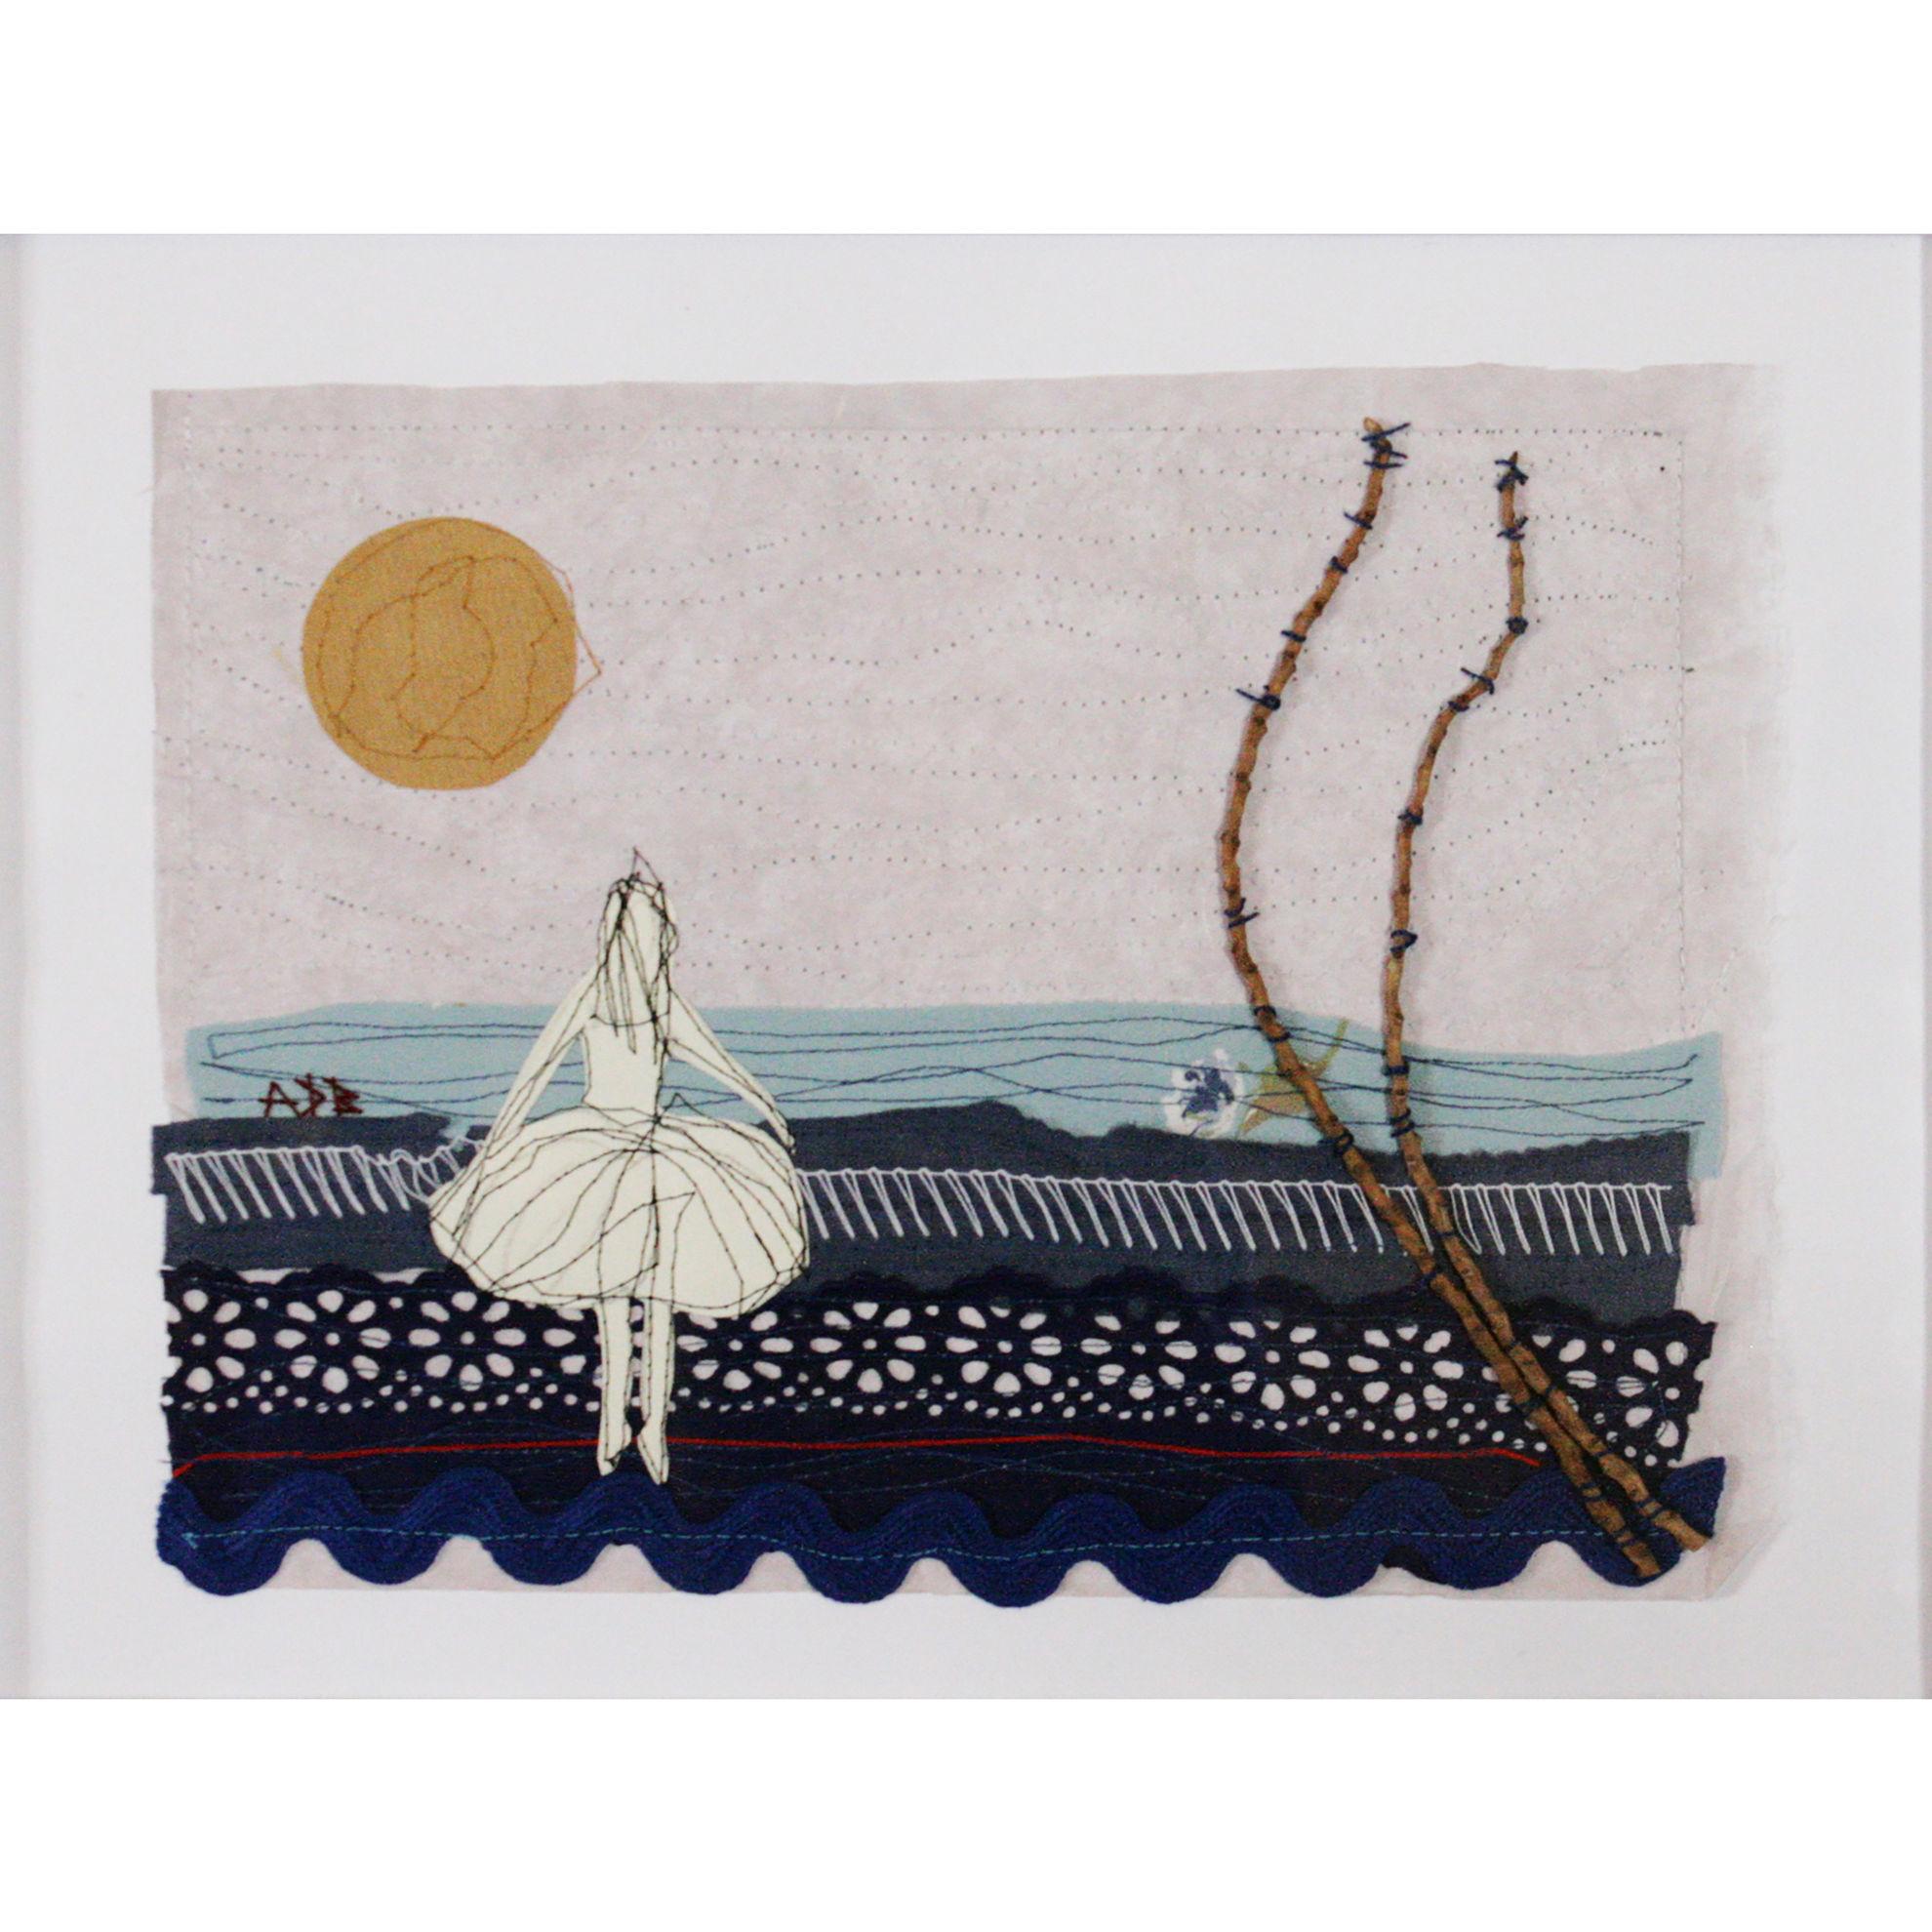 Immagine di Song of the sea 6